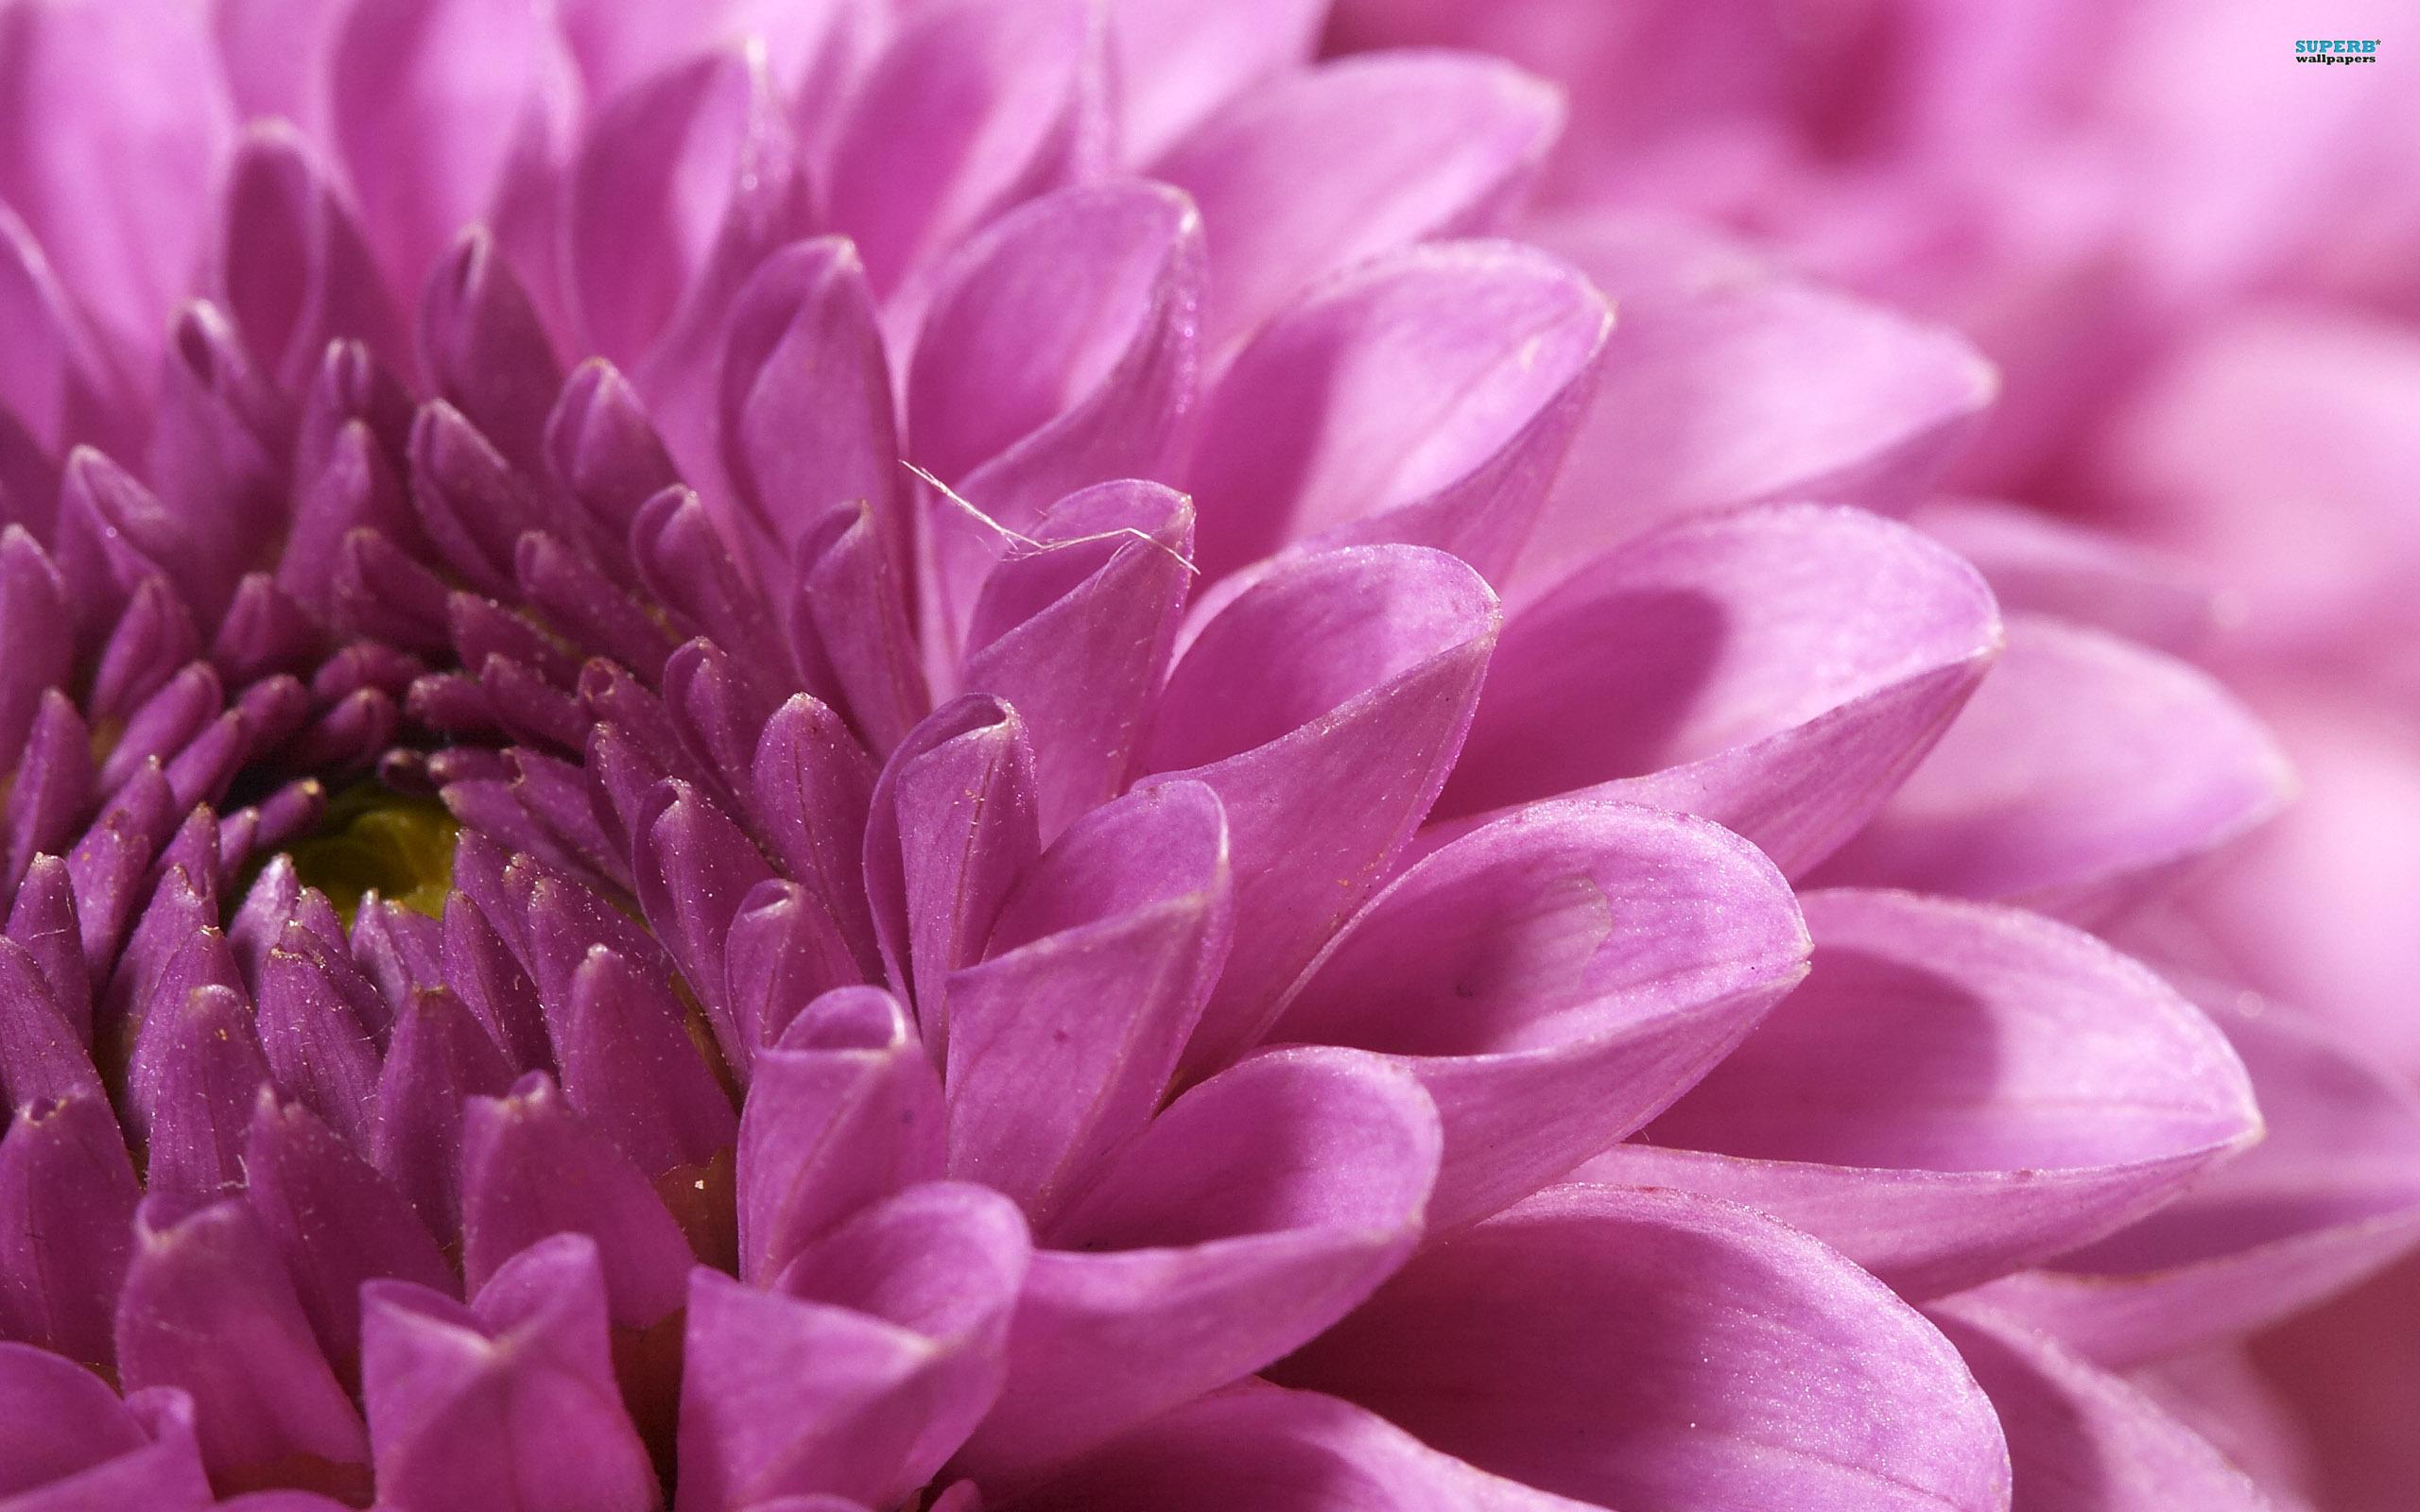 Chrysanthemum Wallpaper 4430